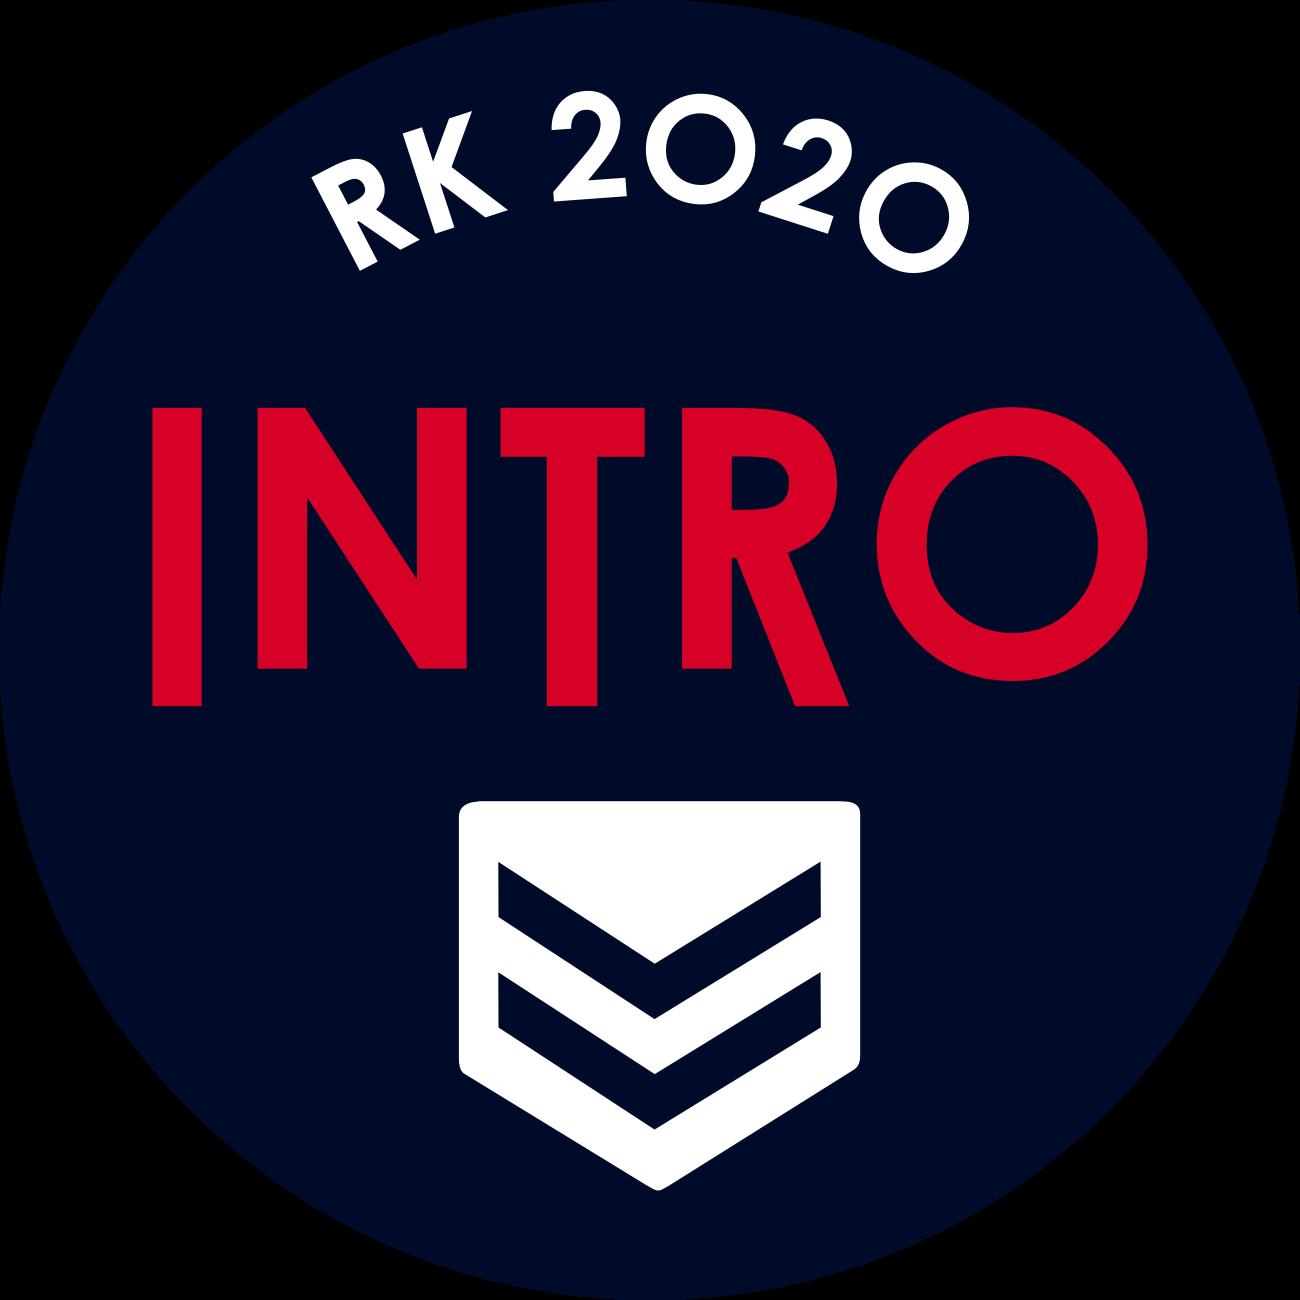 INTRO 2020